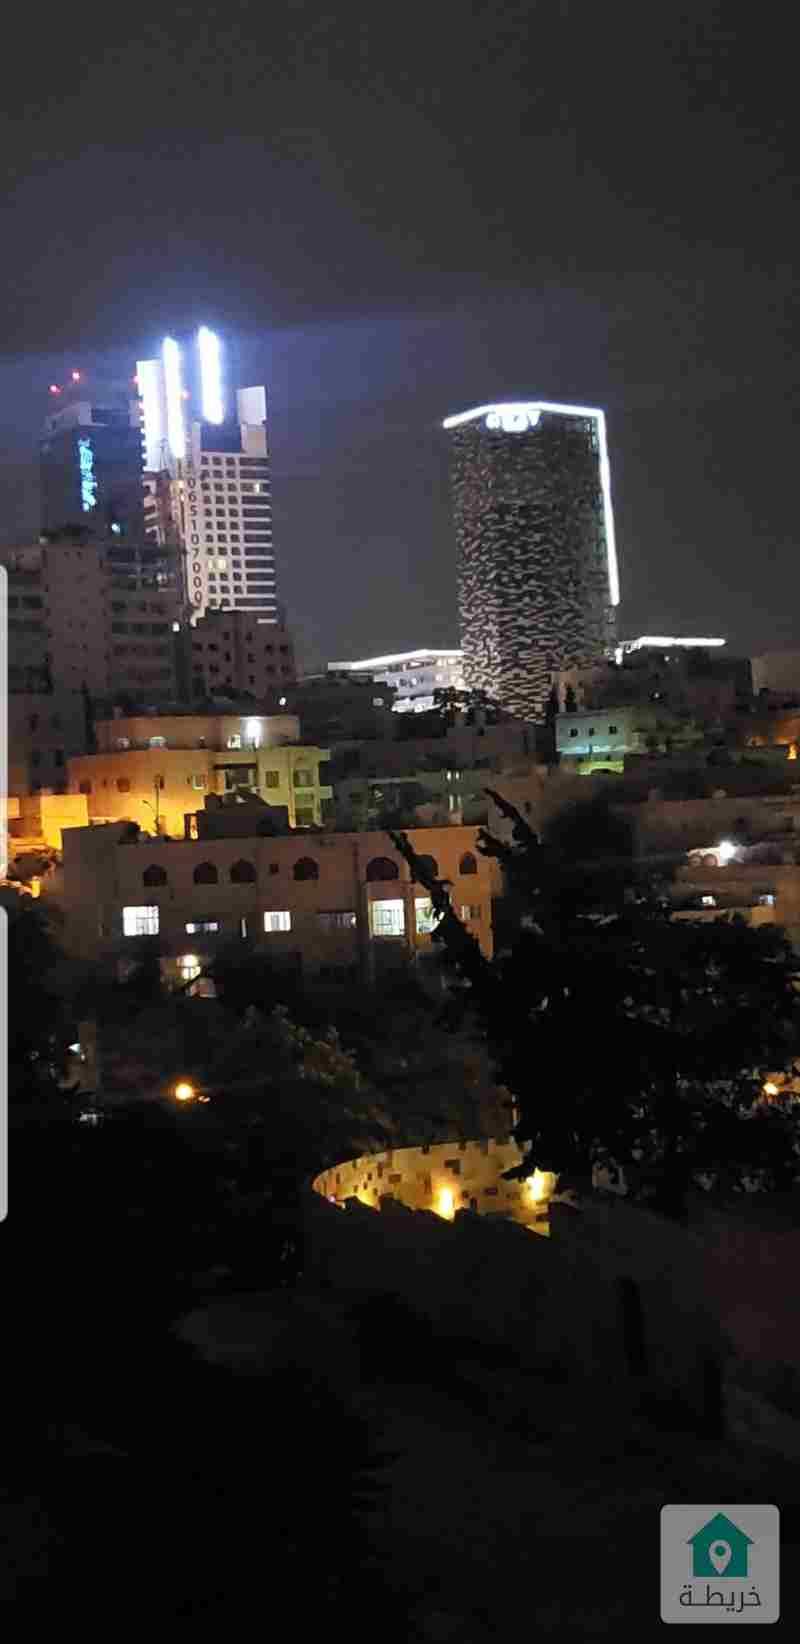 شقة مفروشة للايجار بين الدوار التالت والرابع خلف فندق الاند مارك